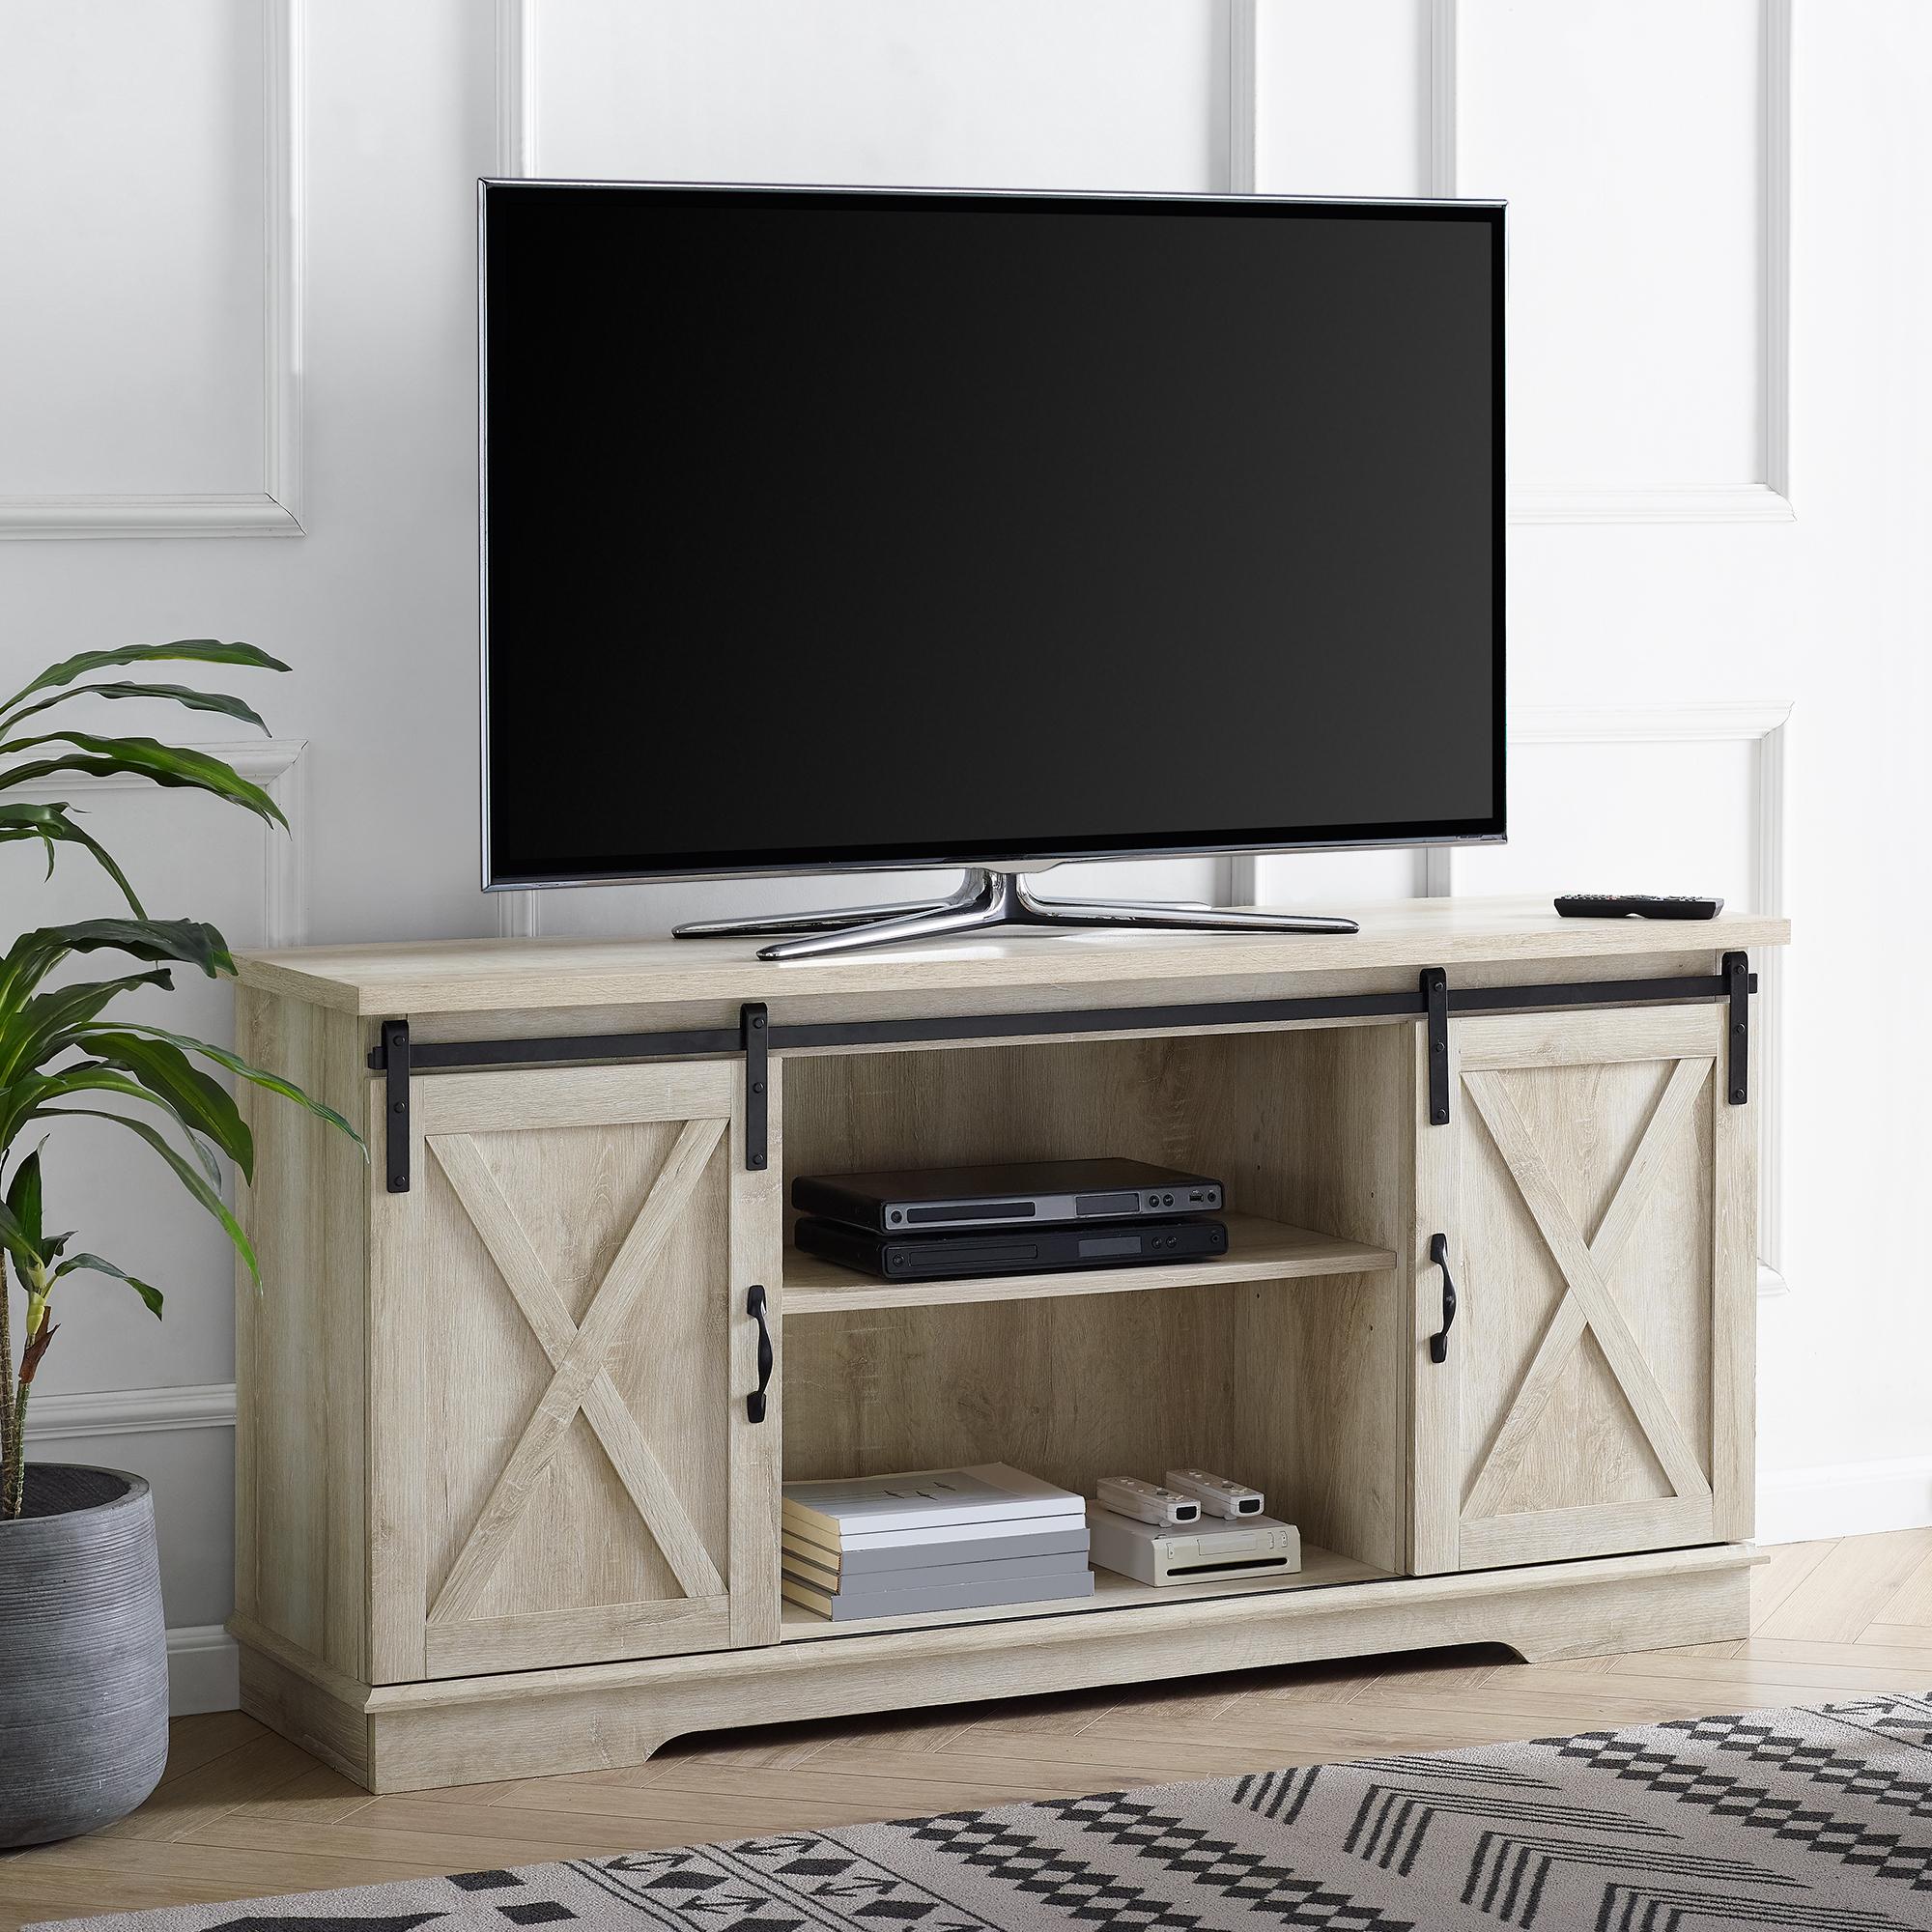 """Manor Park 58"""" Modern Farmhouse Sliding Barn Door TV Stand - Solid White Oak"""